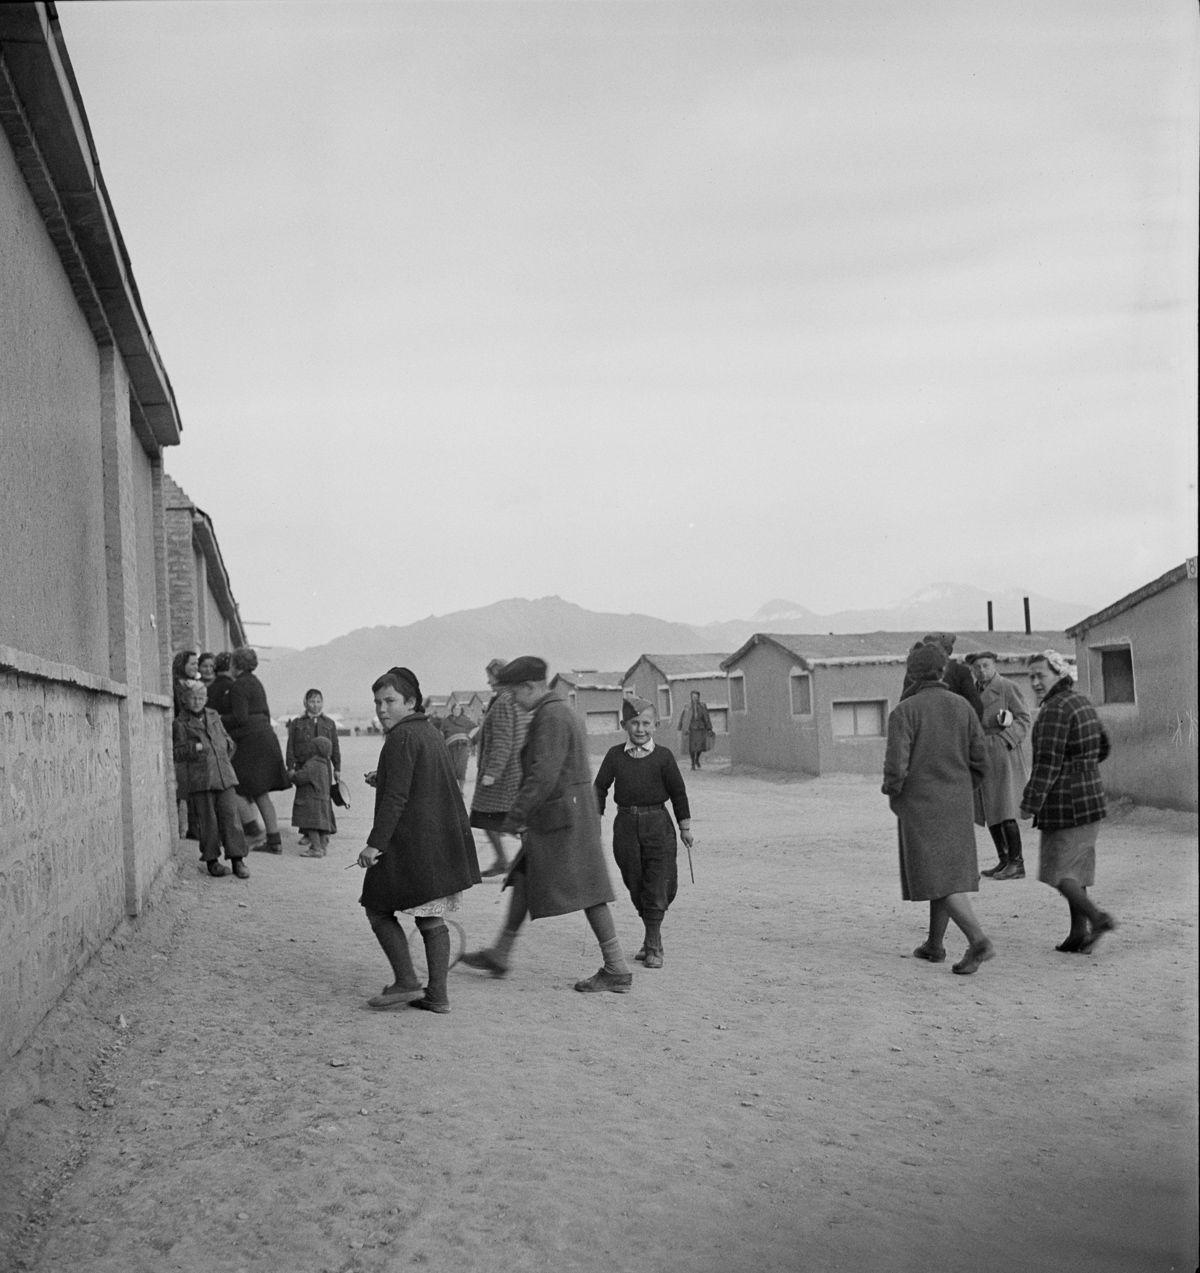 Na Segunda Guerra Mundial, refugiados poloneses encontraram segurança no Irã 15